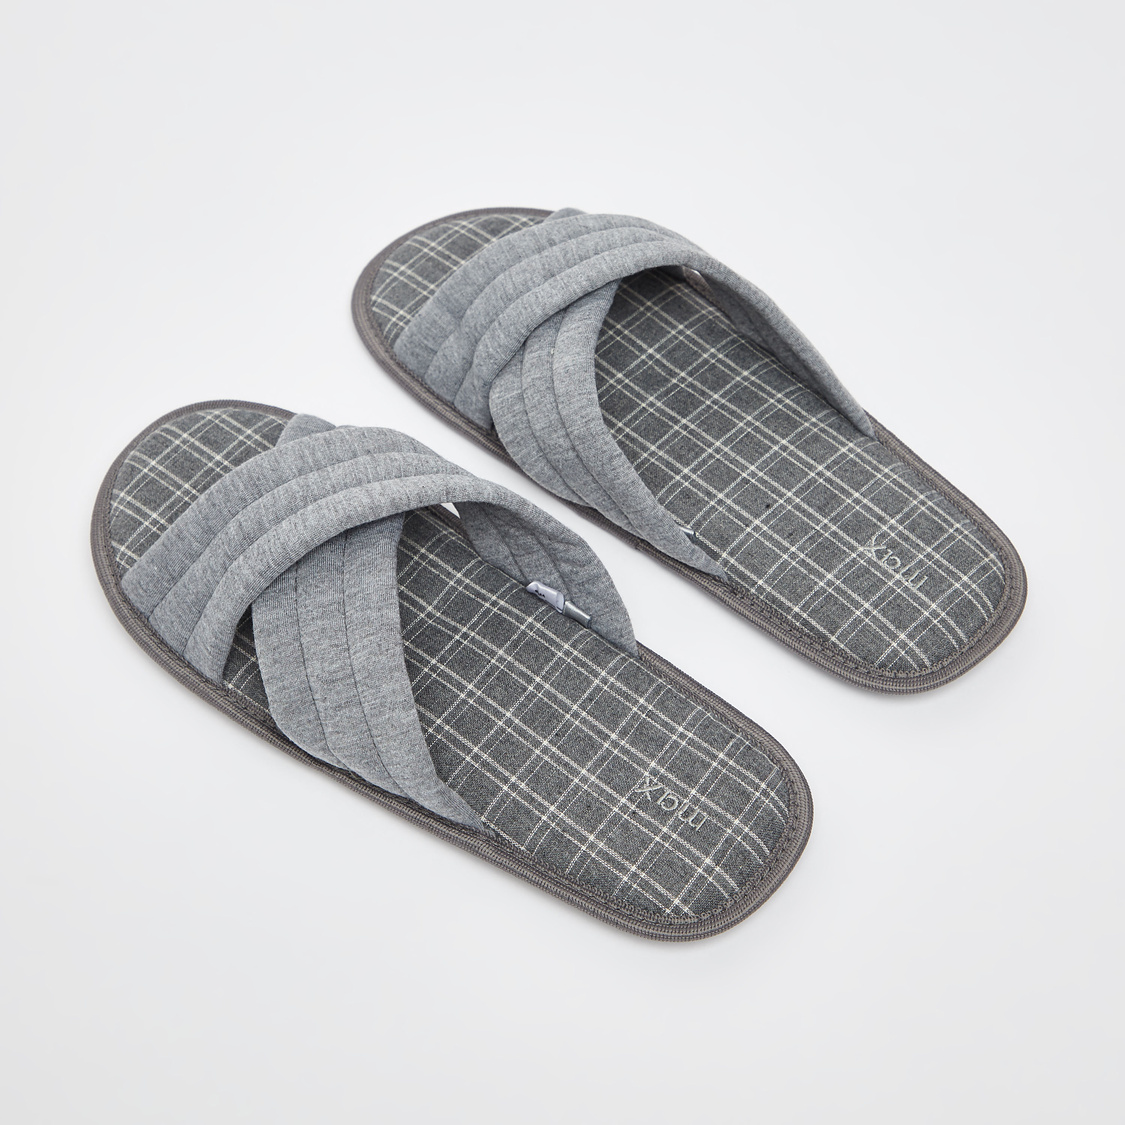 Solid Open Toe Bedroom Slippers